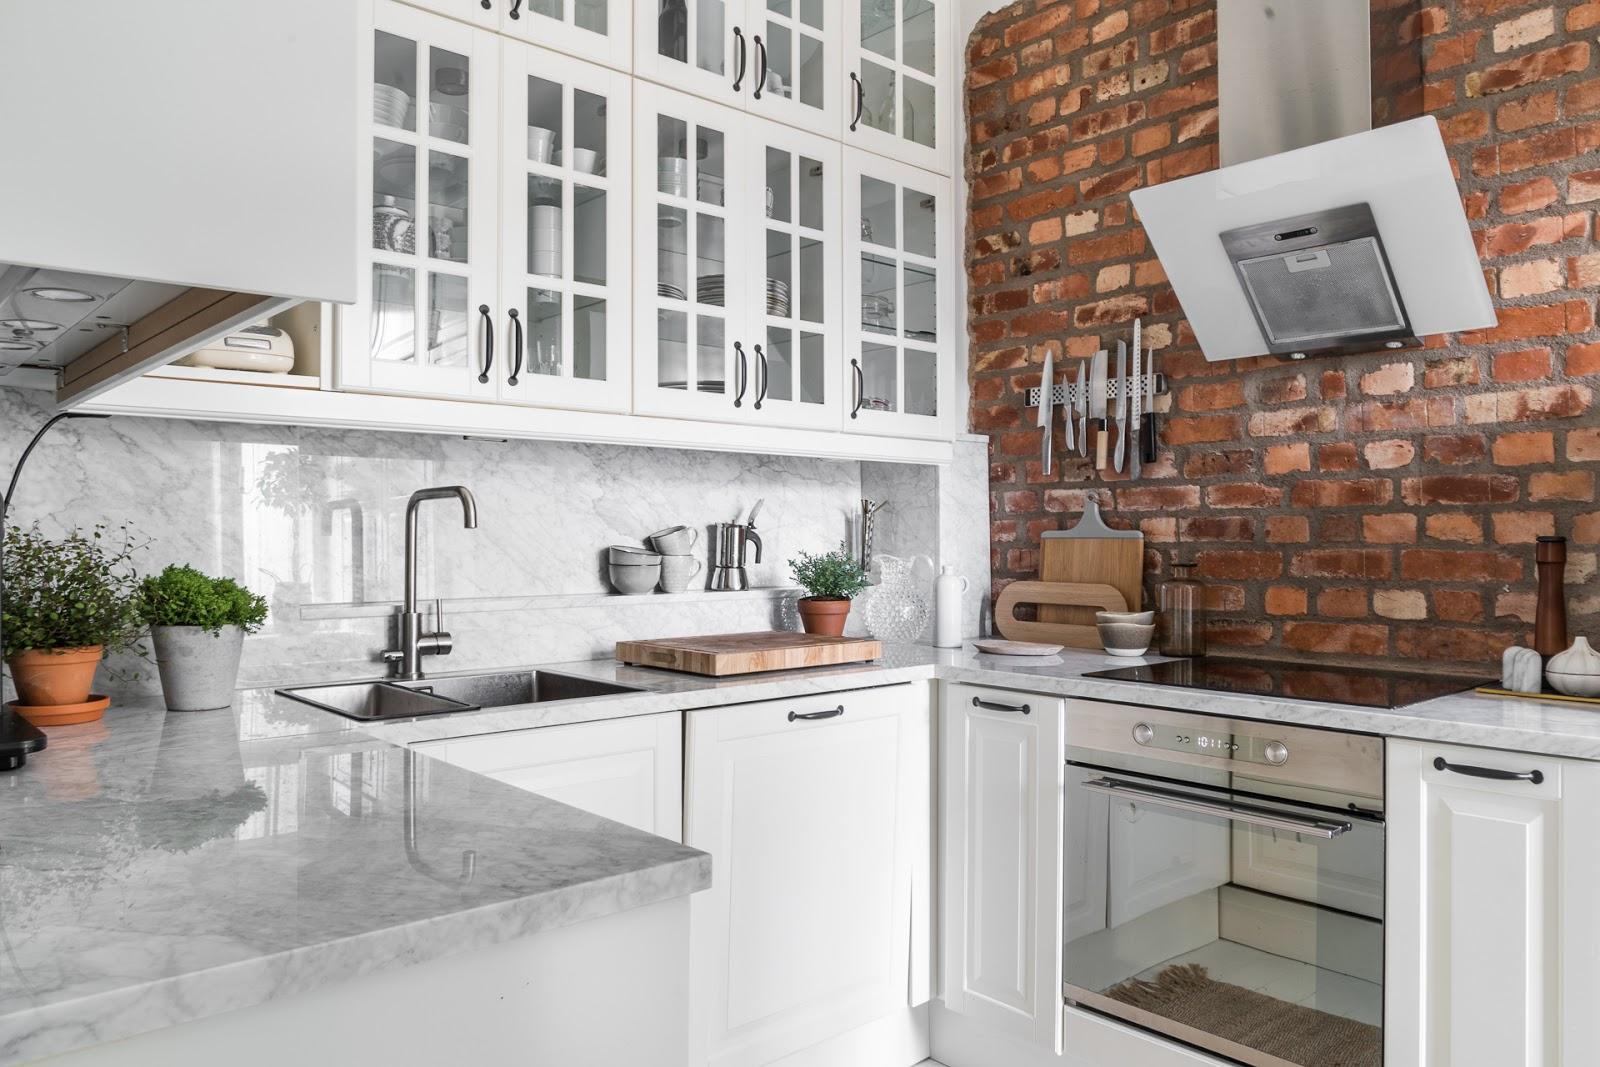 Alb imaculat și accente de gri în amenajarea scandinavă a unu apartament de 70 m²